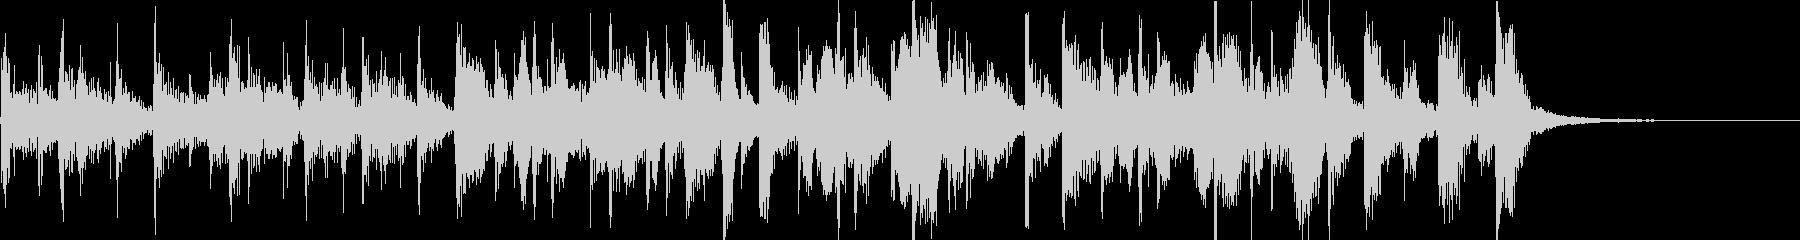 ホットタマーレブライトハッピーサルサの未再生の波形